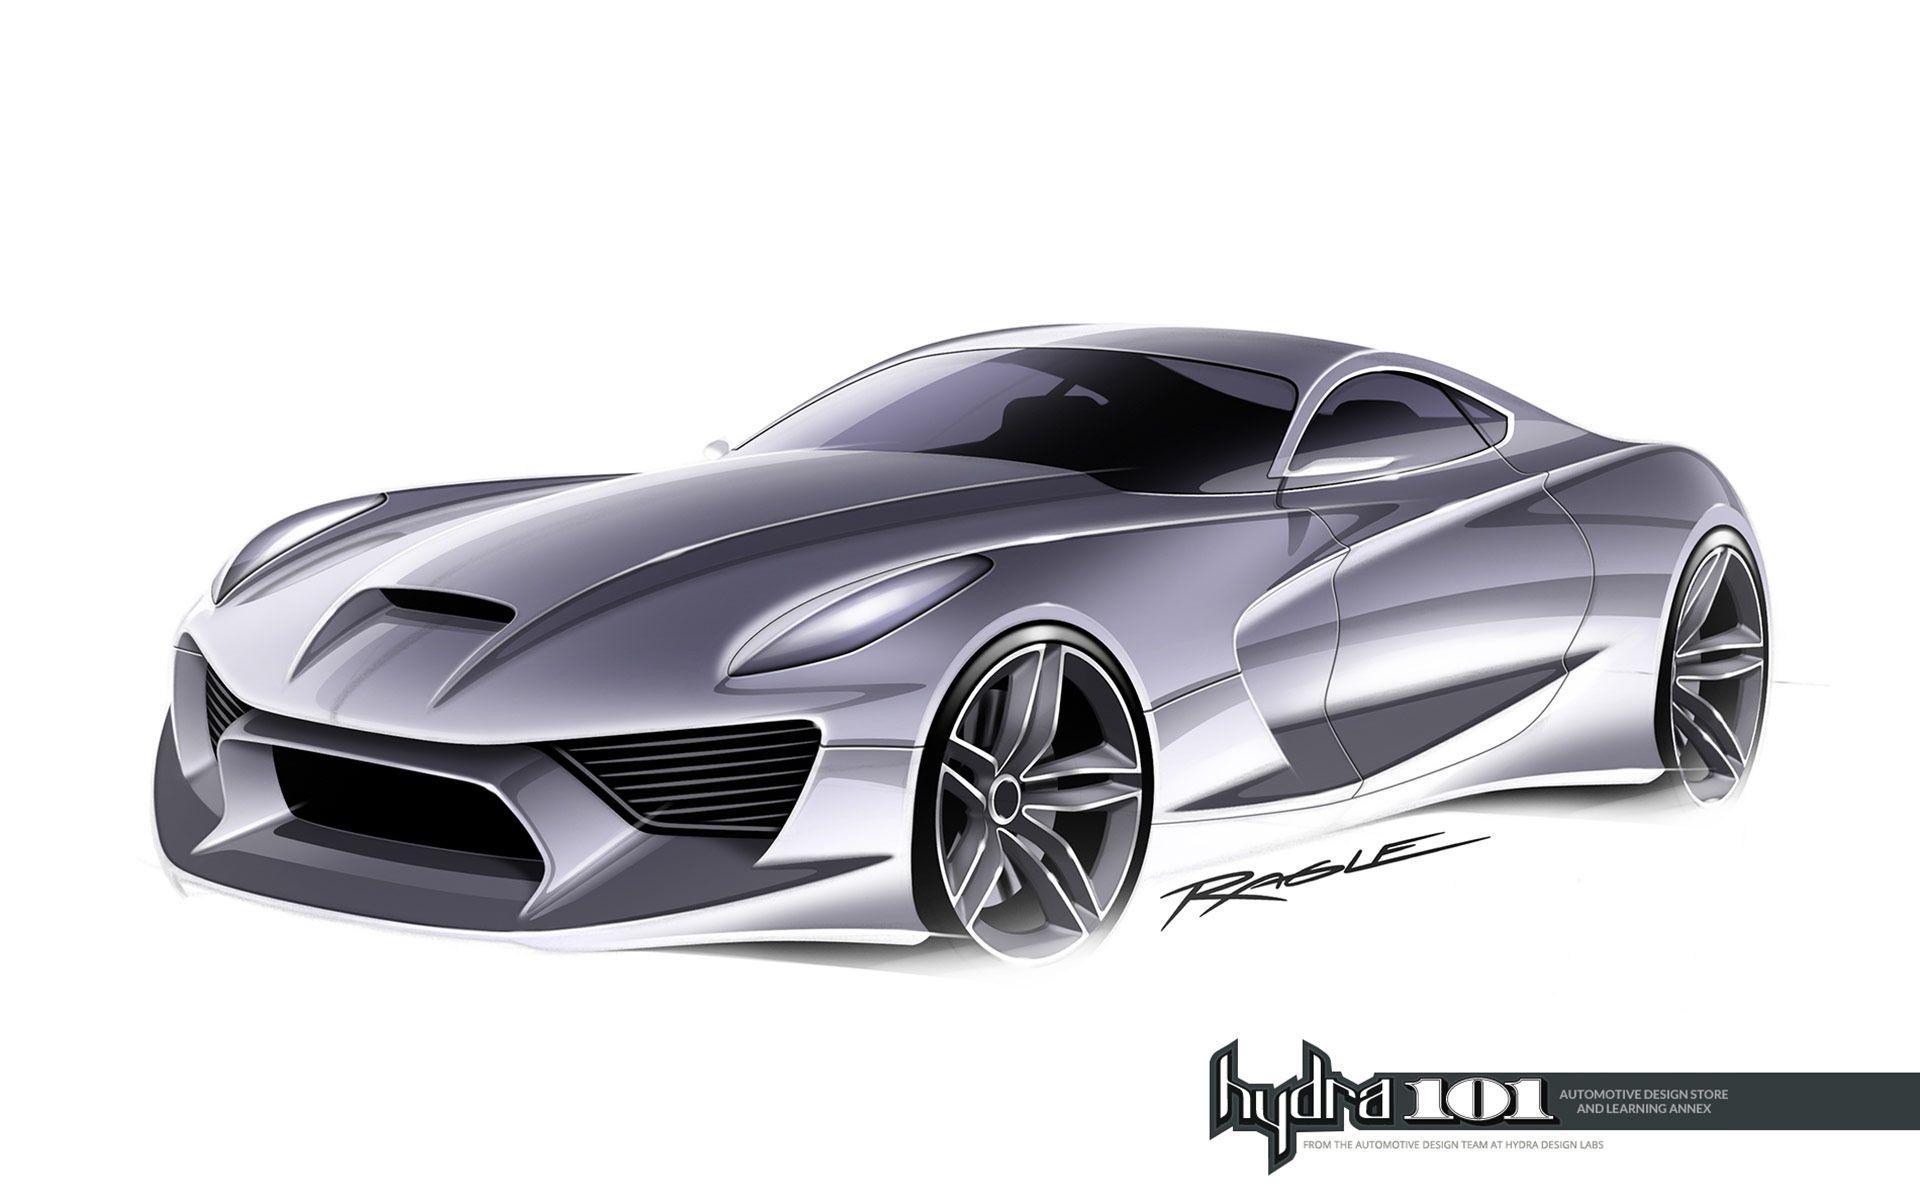 Supercar Design Sketch By Gary Ragle Car Body Design Concept